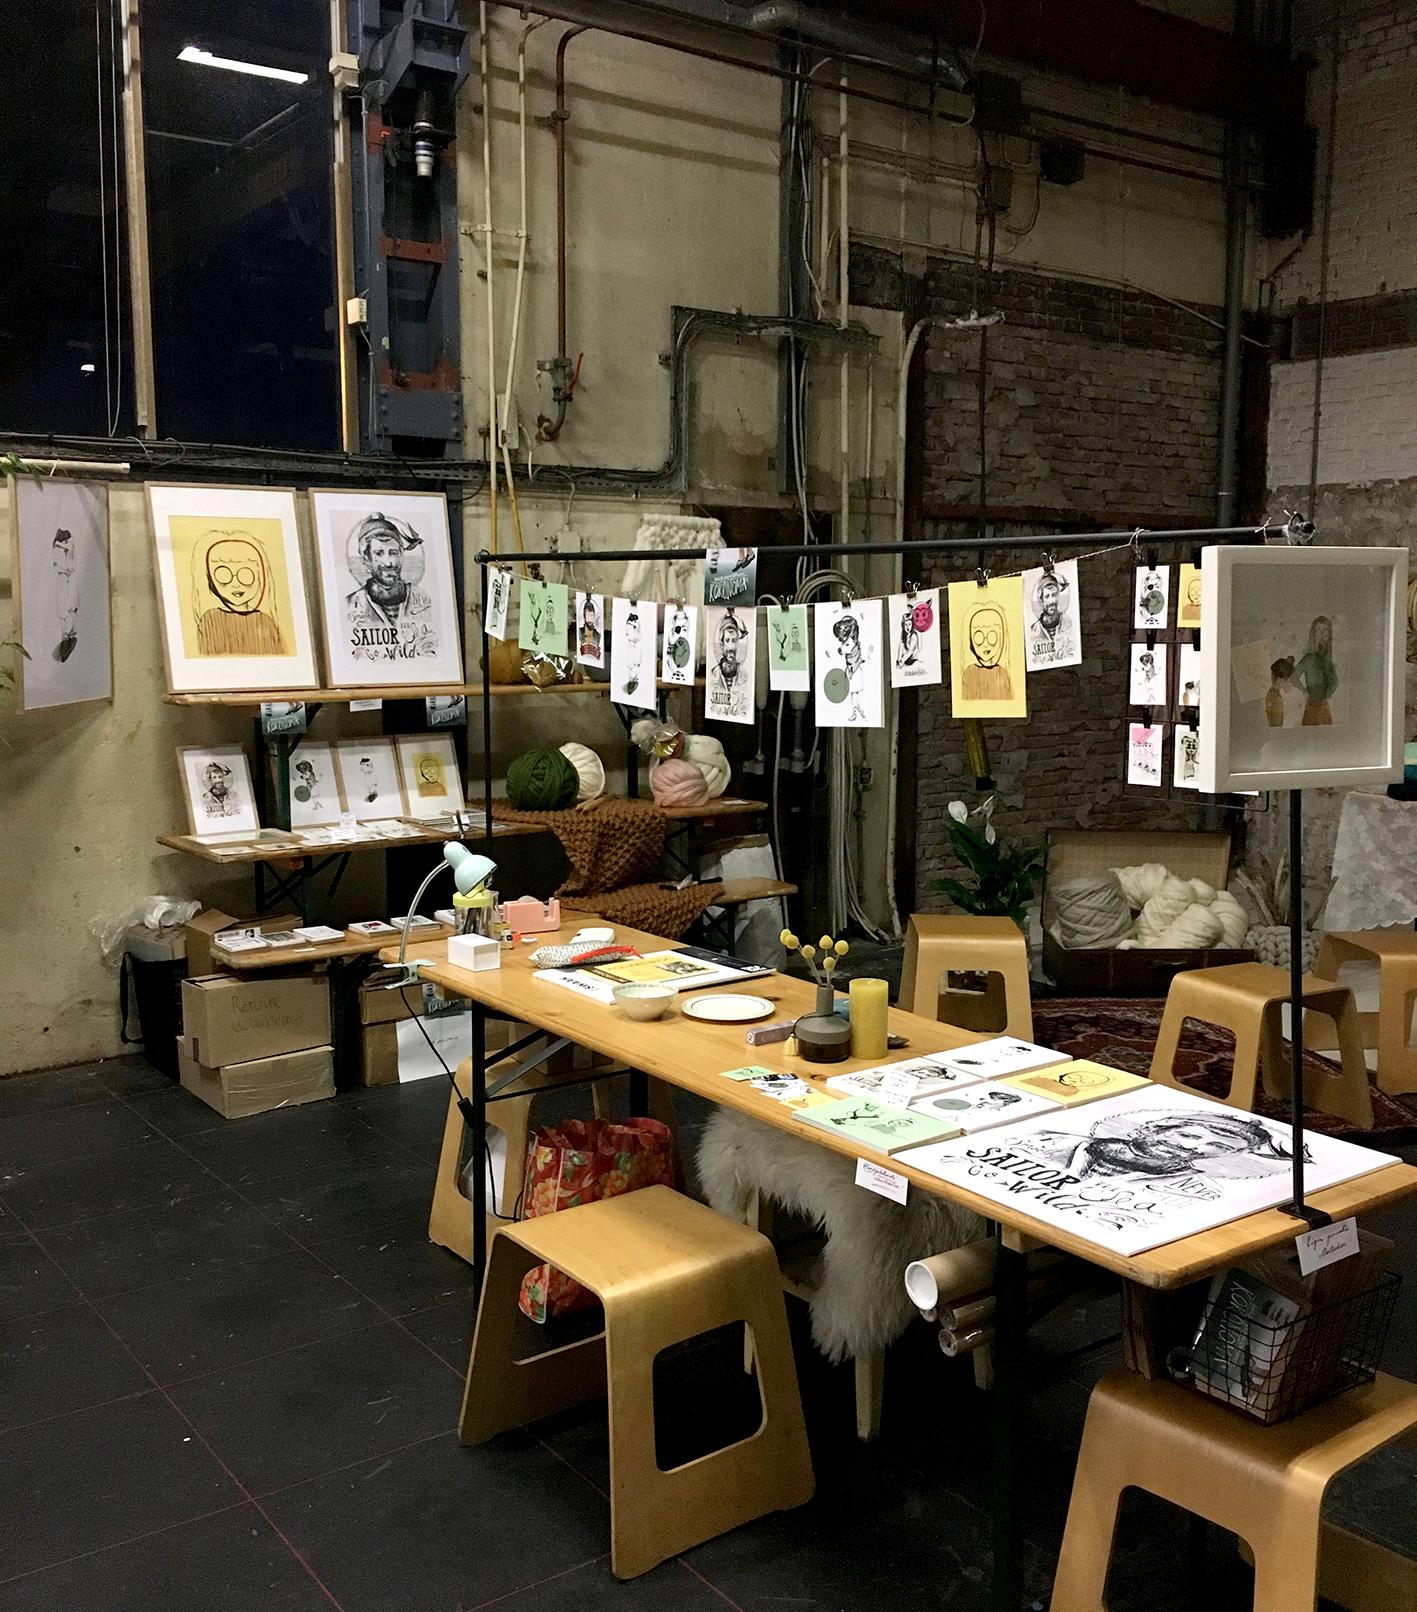 De stand, het opbouwen van het 'creative atelier' van FlavouritesLive ©darja brouwers